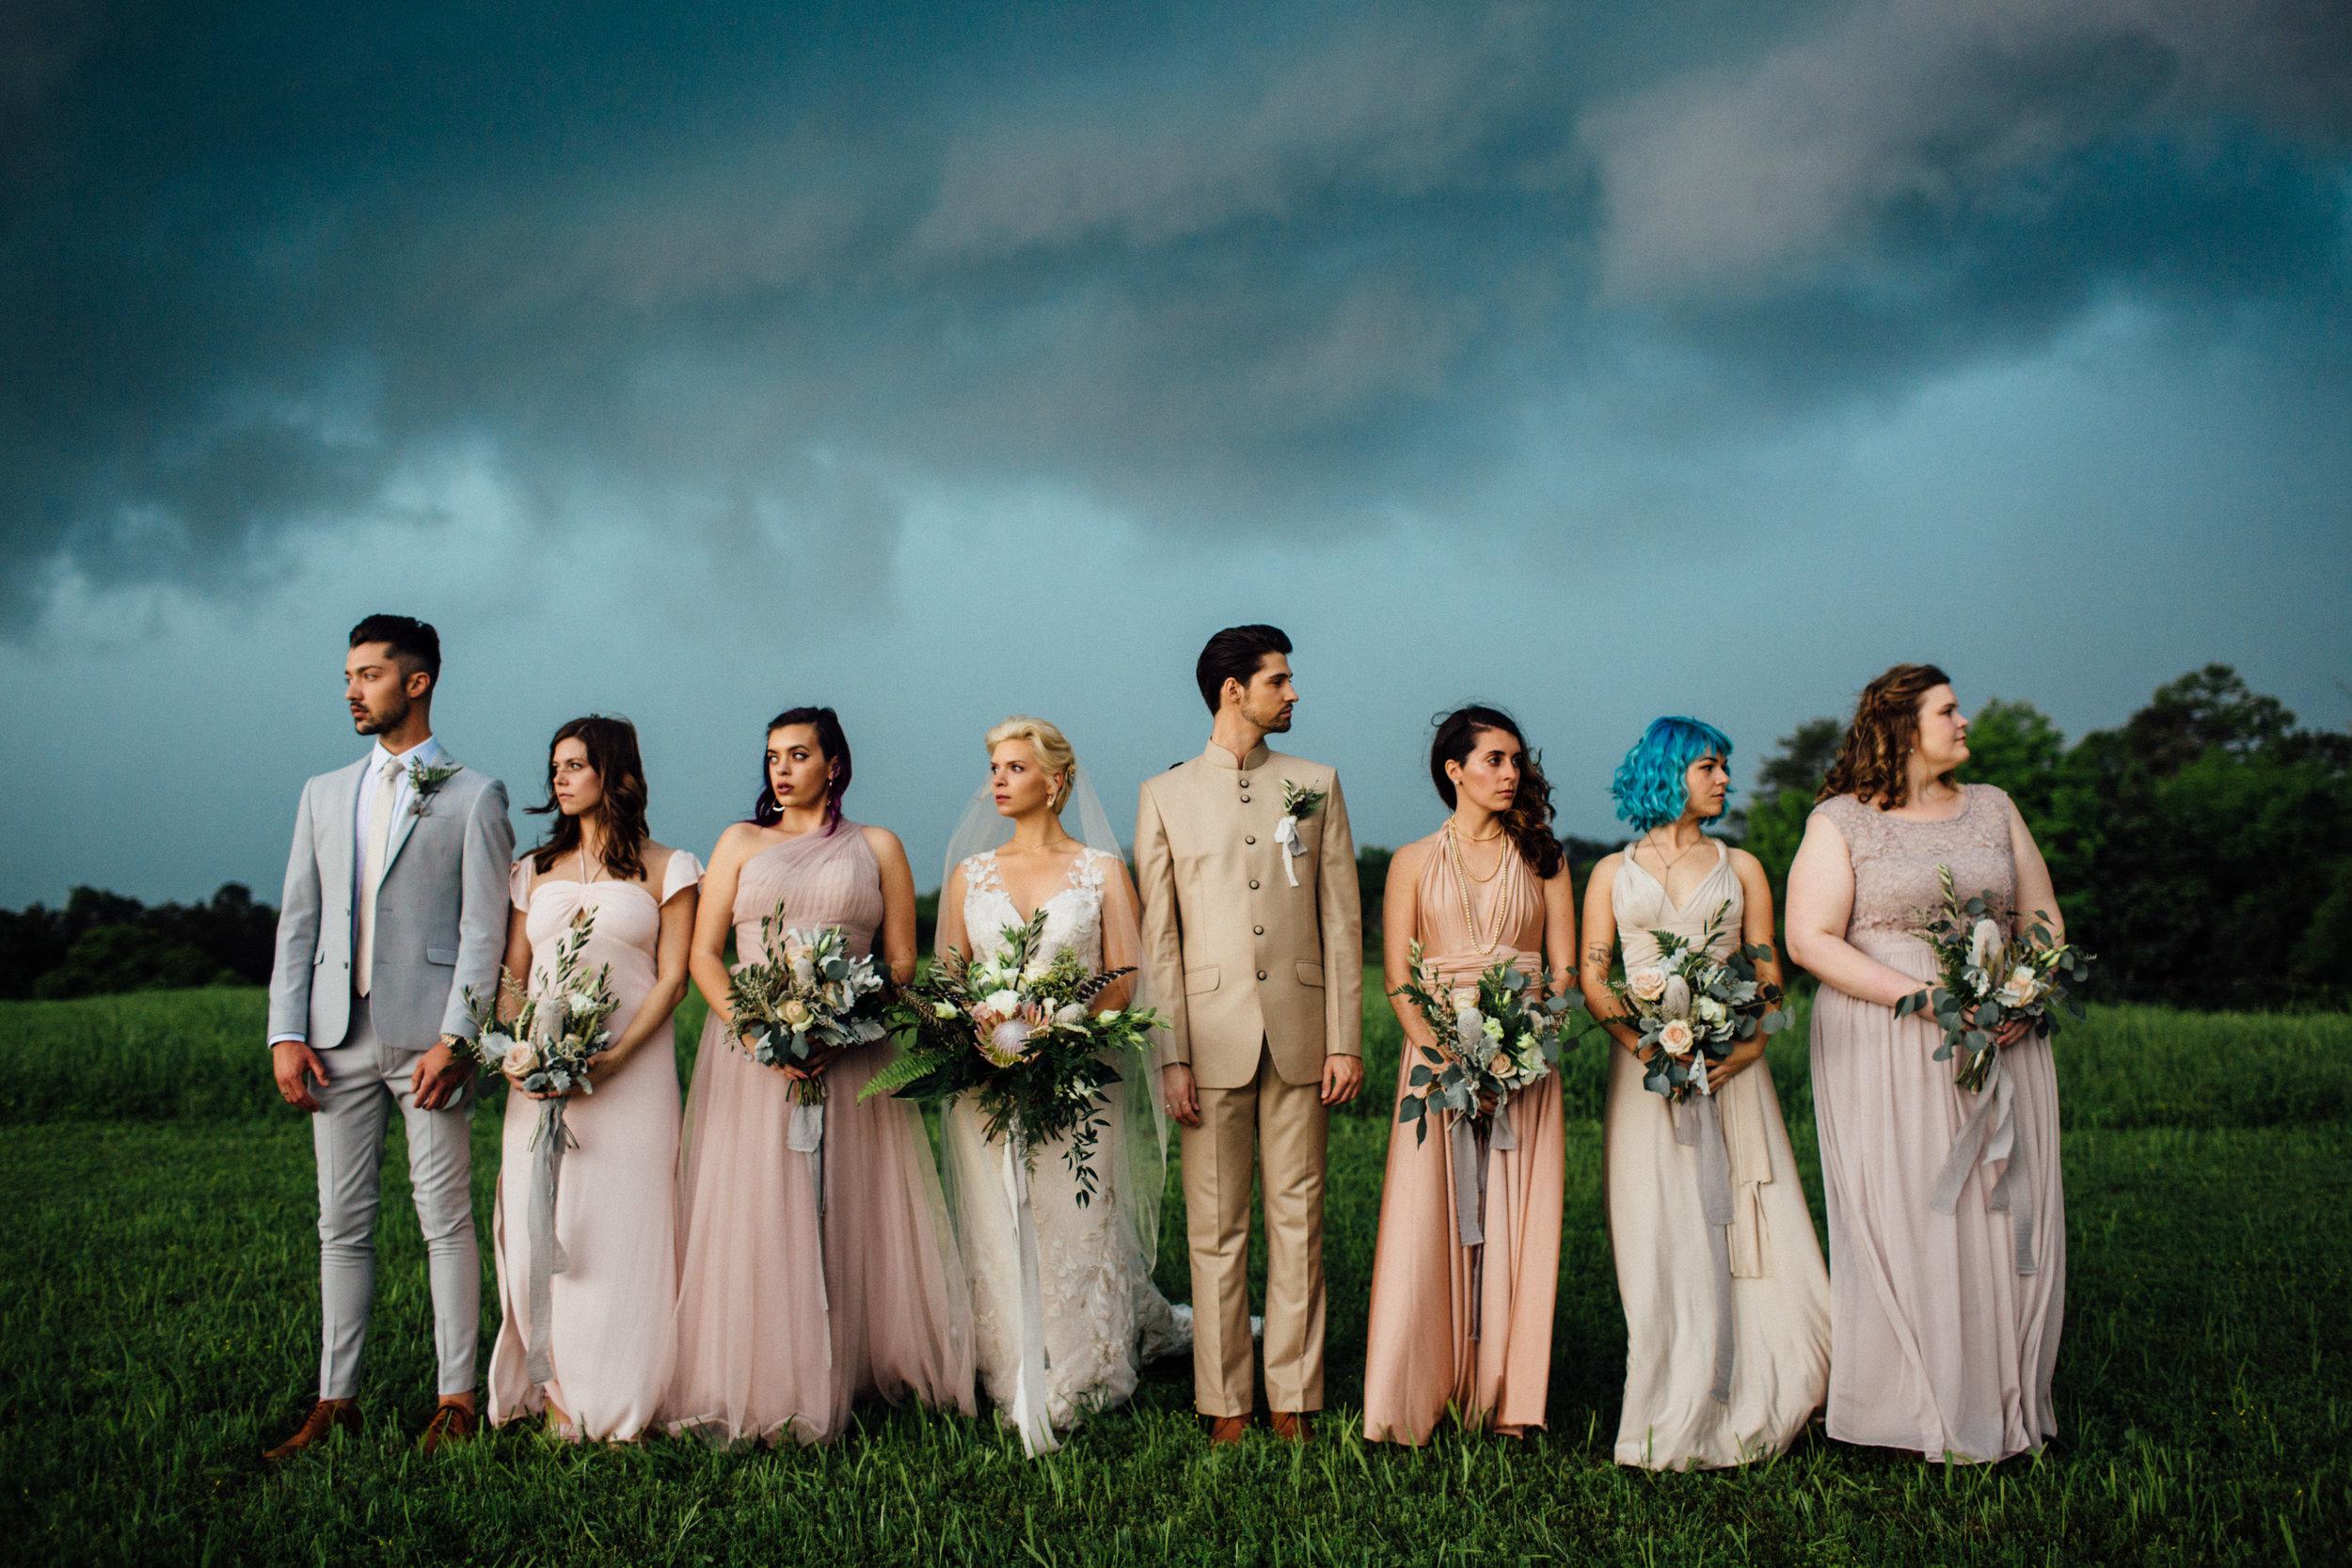 stormy bridesmaids portrait windy pastels